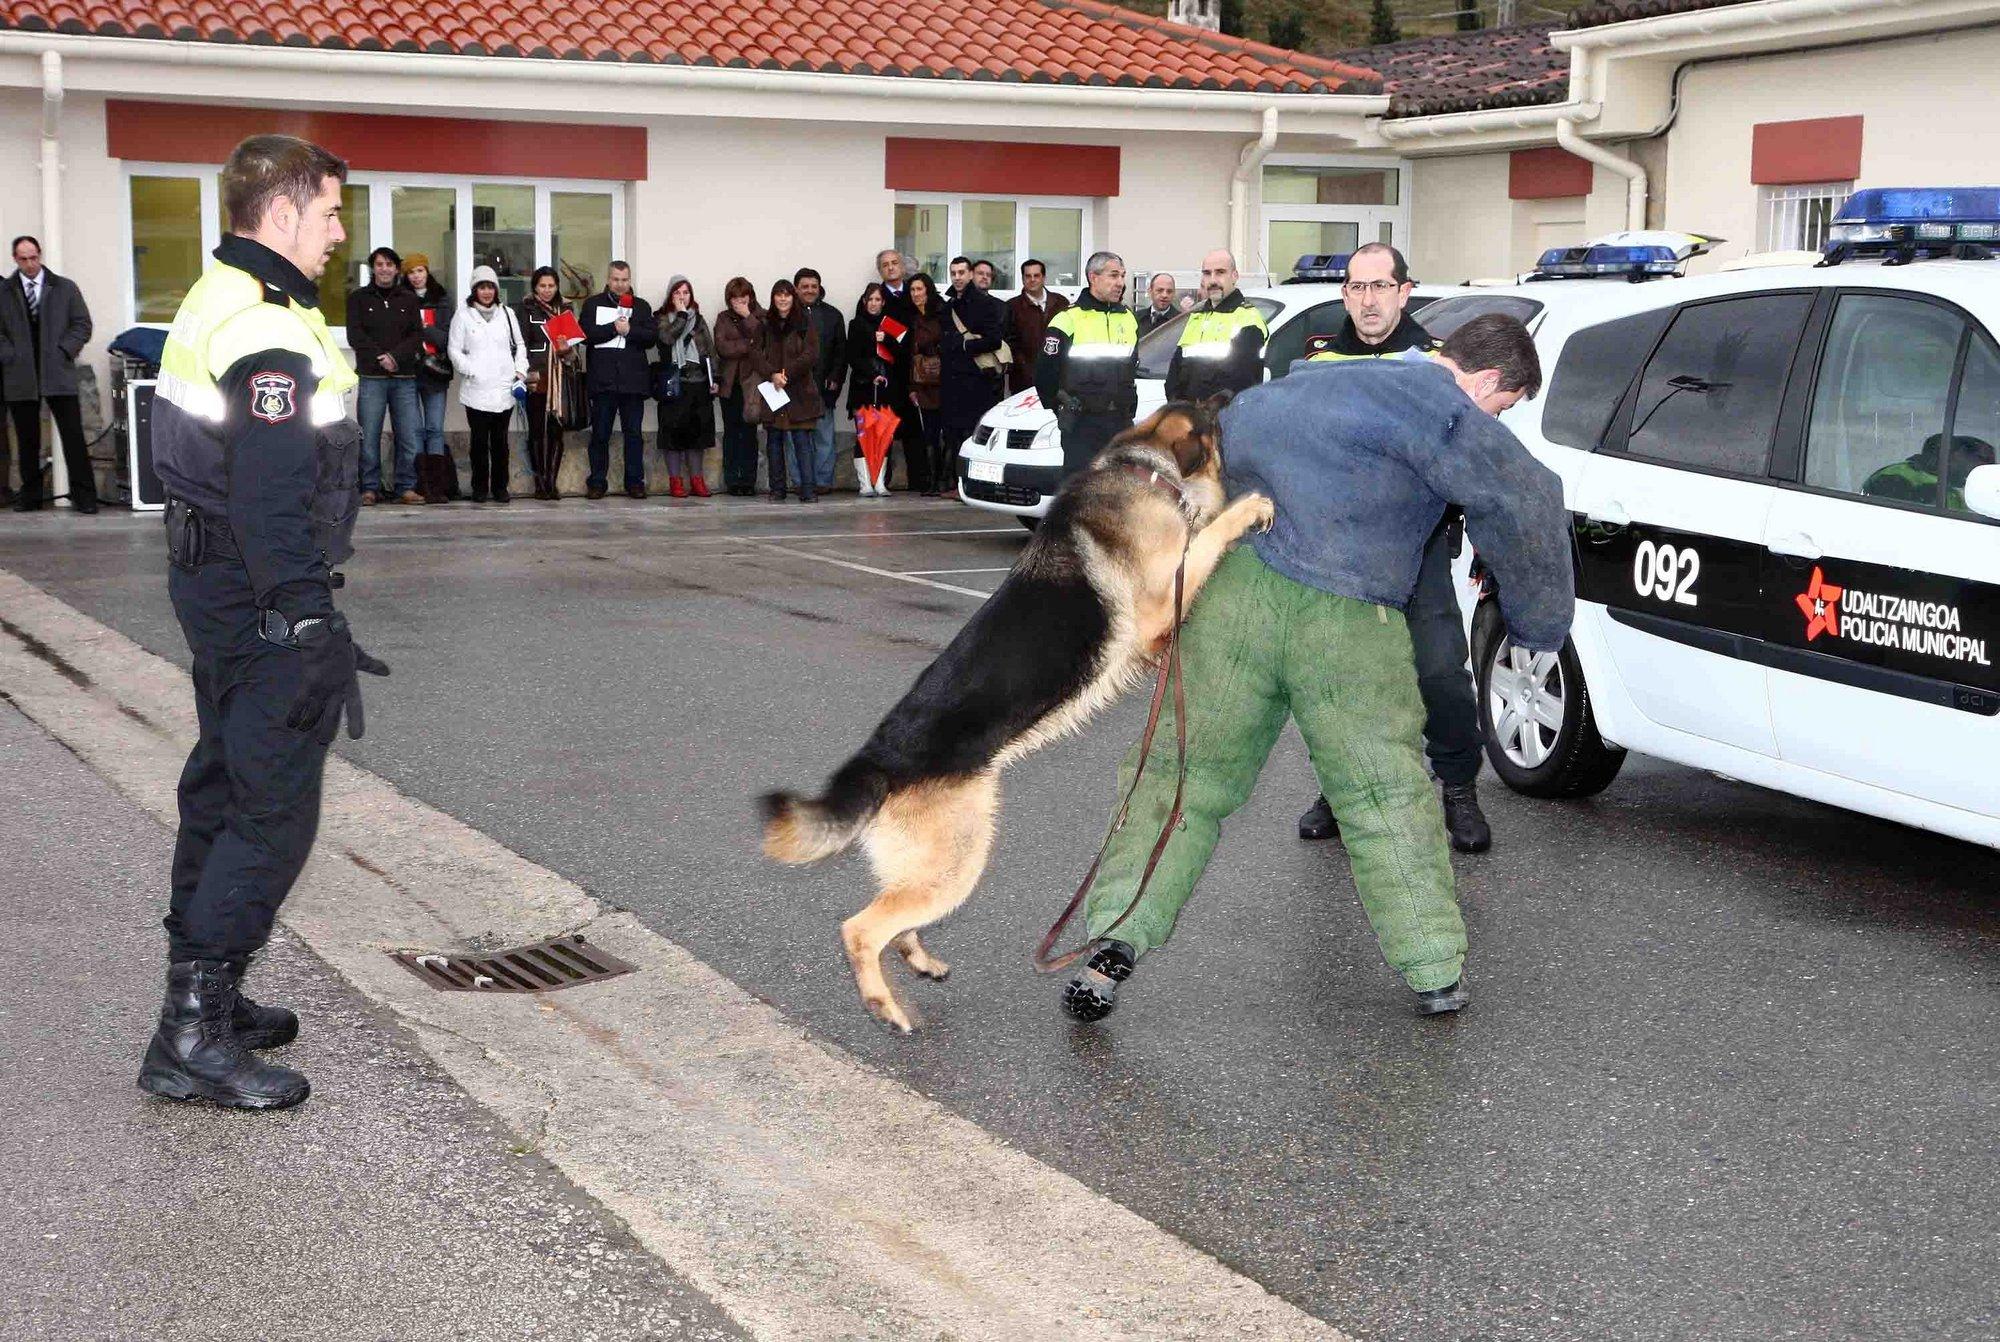 La Academia Galega de Seguridade convoca un curso de búsqueda y salvamento en grandes áreas con perros de rescate